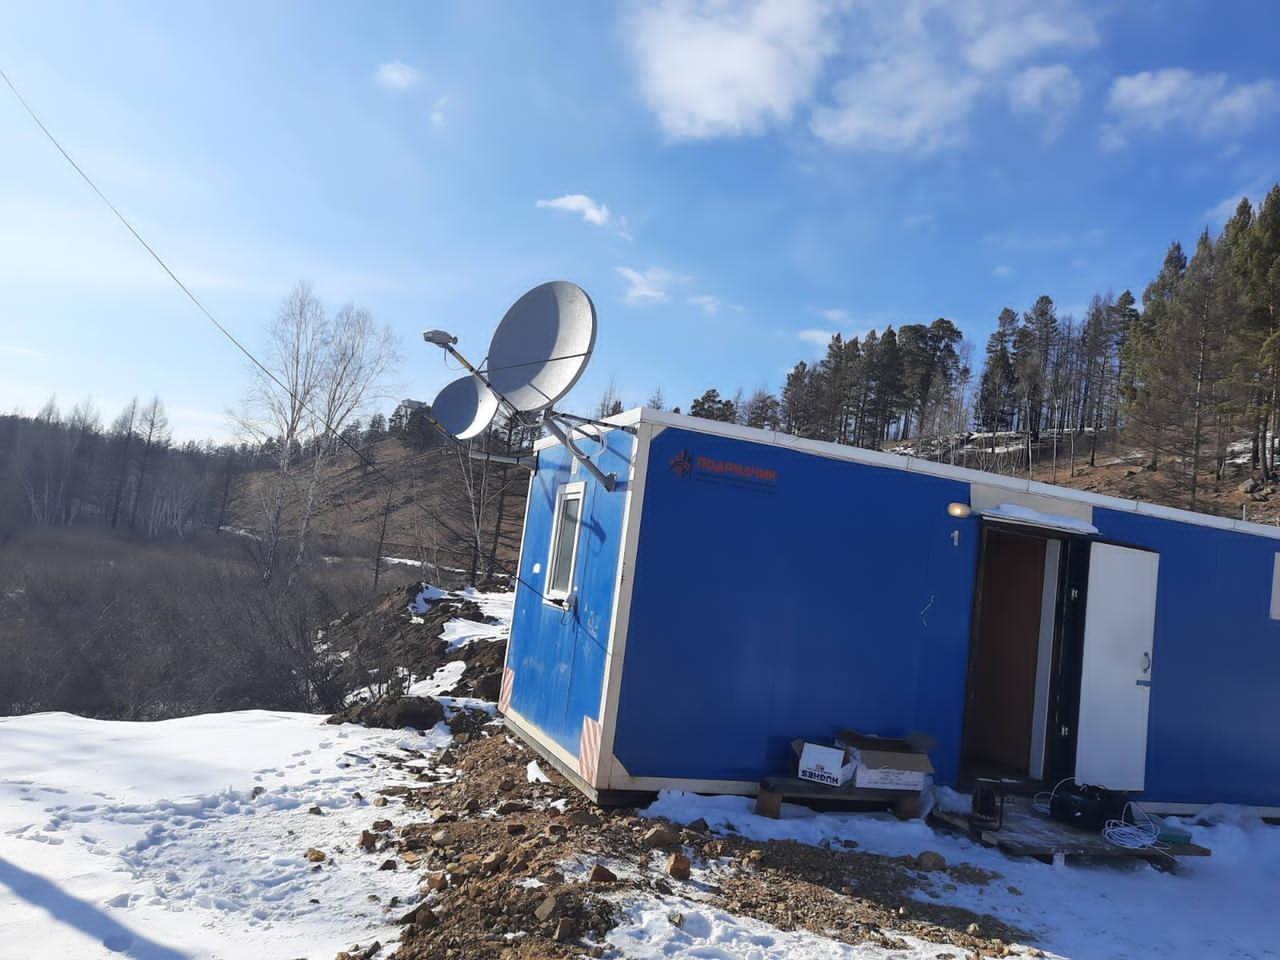 Спутниковые решения РТКОММ и ВКС Vinteo пришли в труднодоступные и удаленные районы России 1